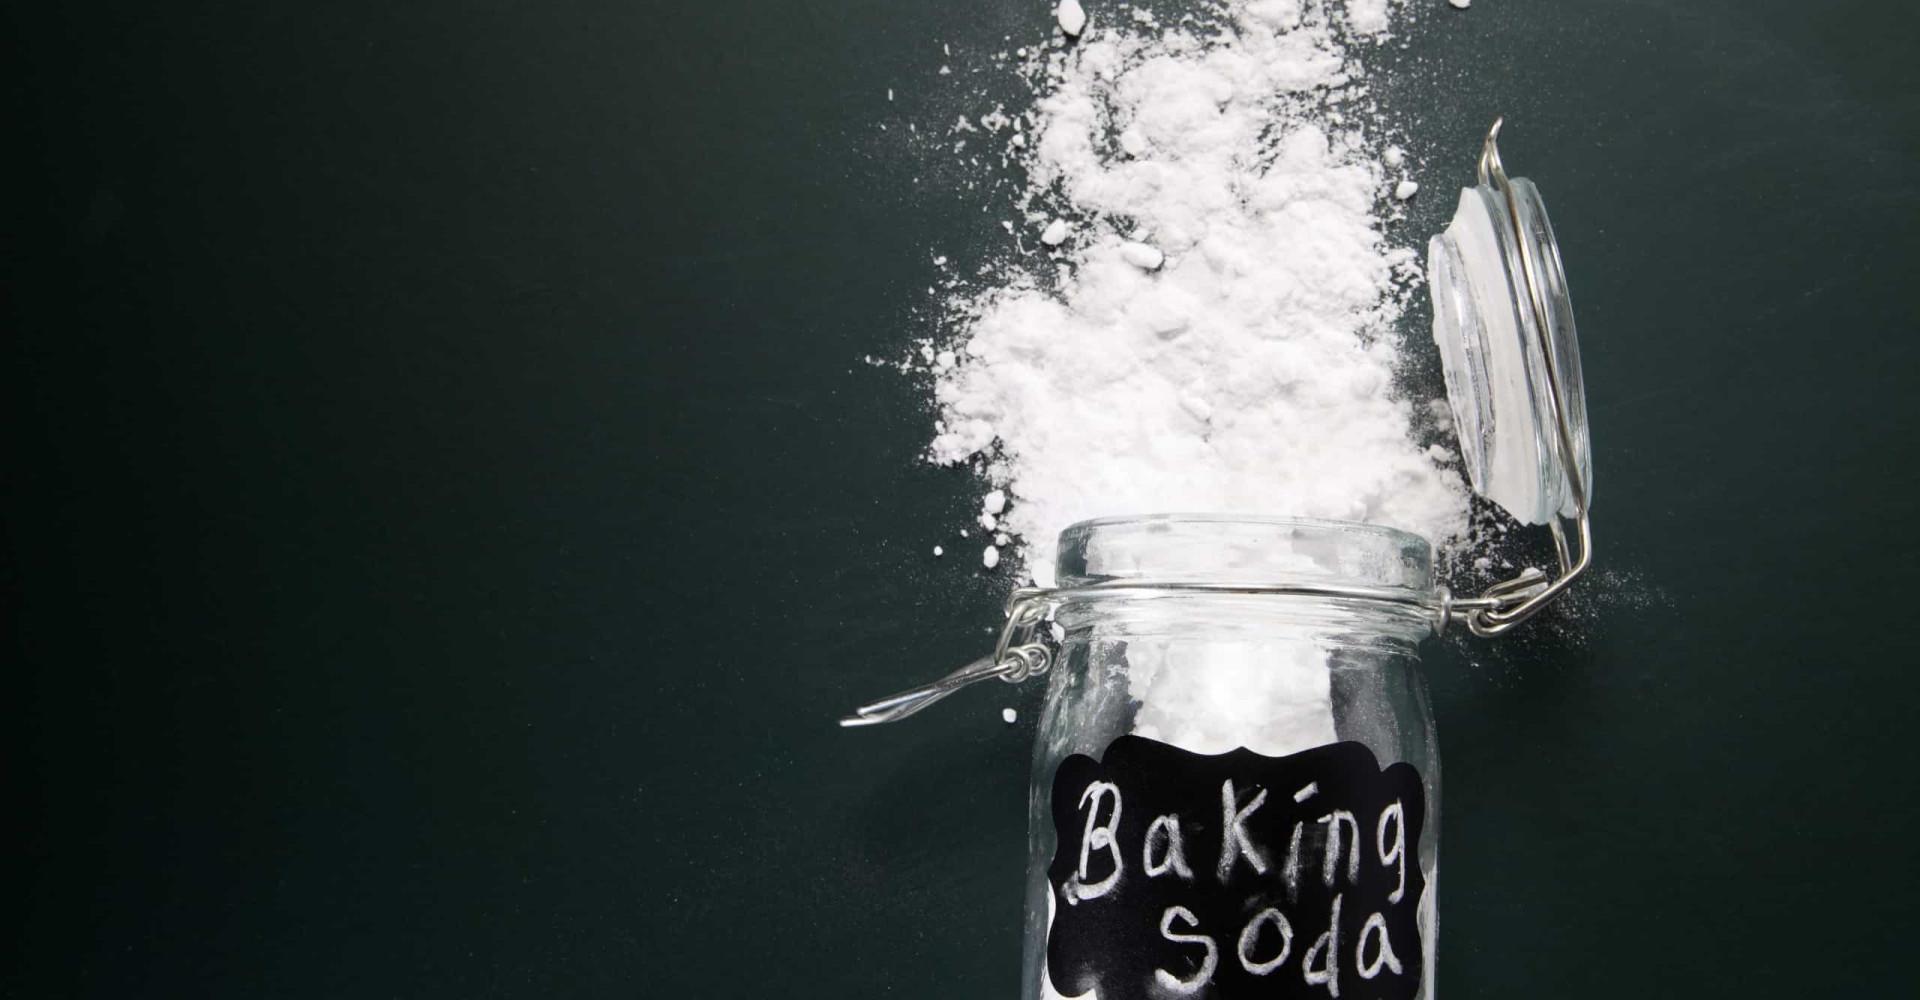 Bakpoeder en baking soda, is er een verschil?